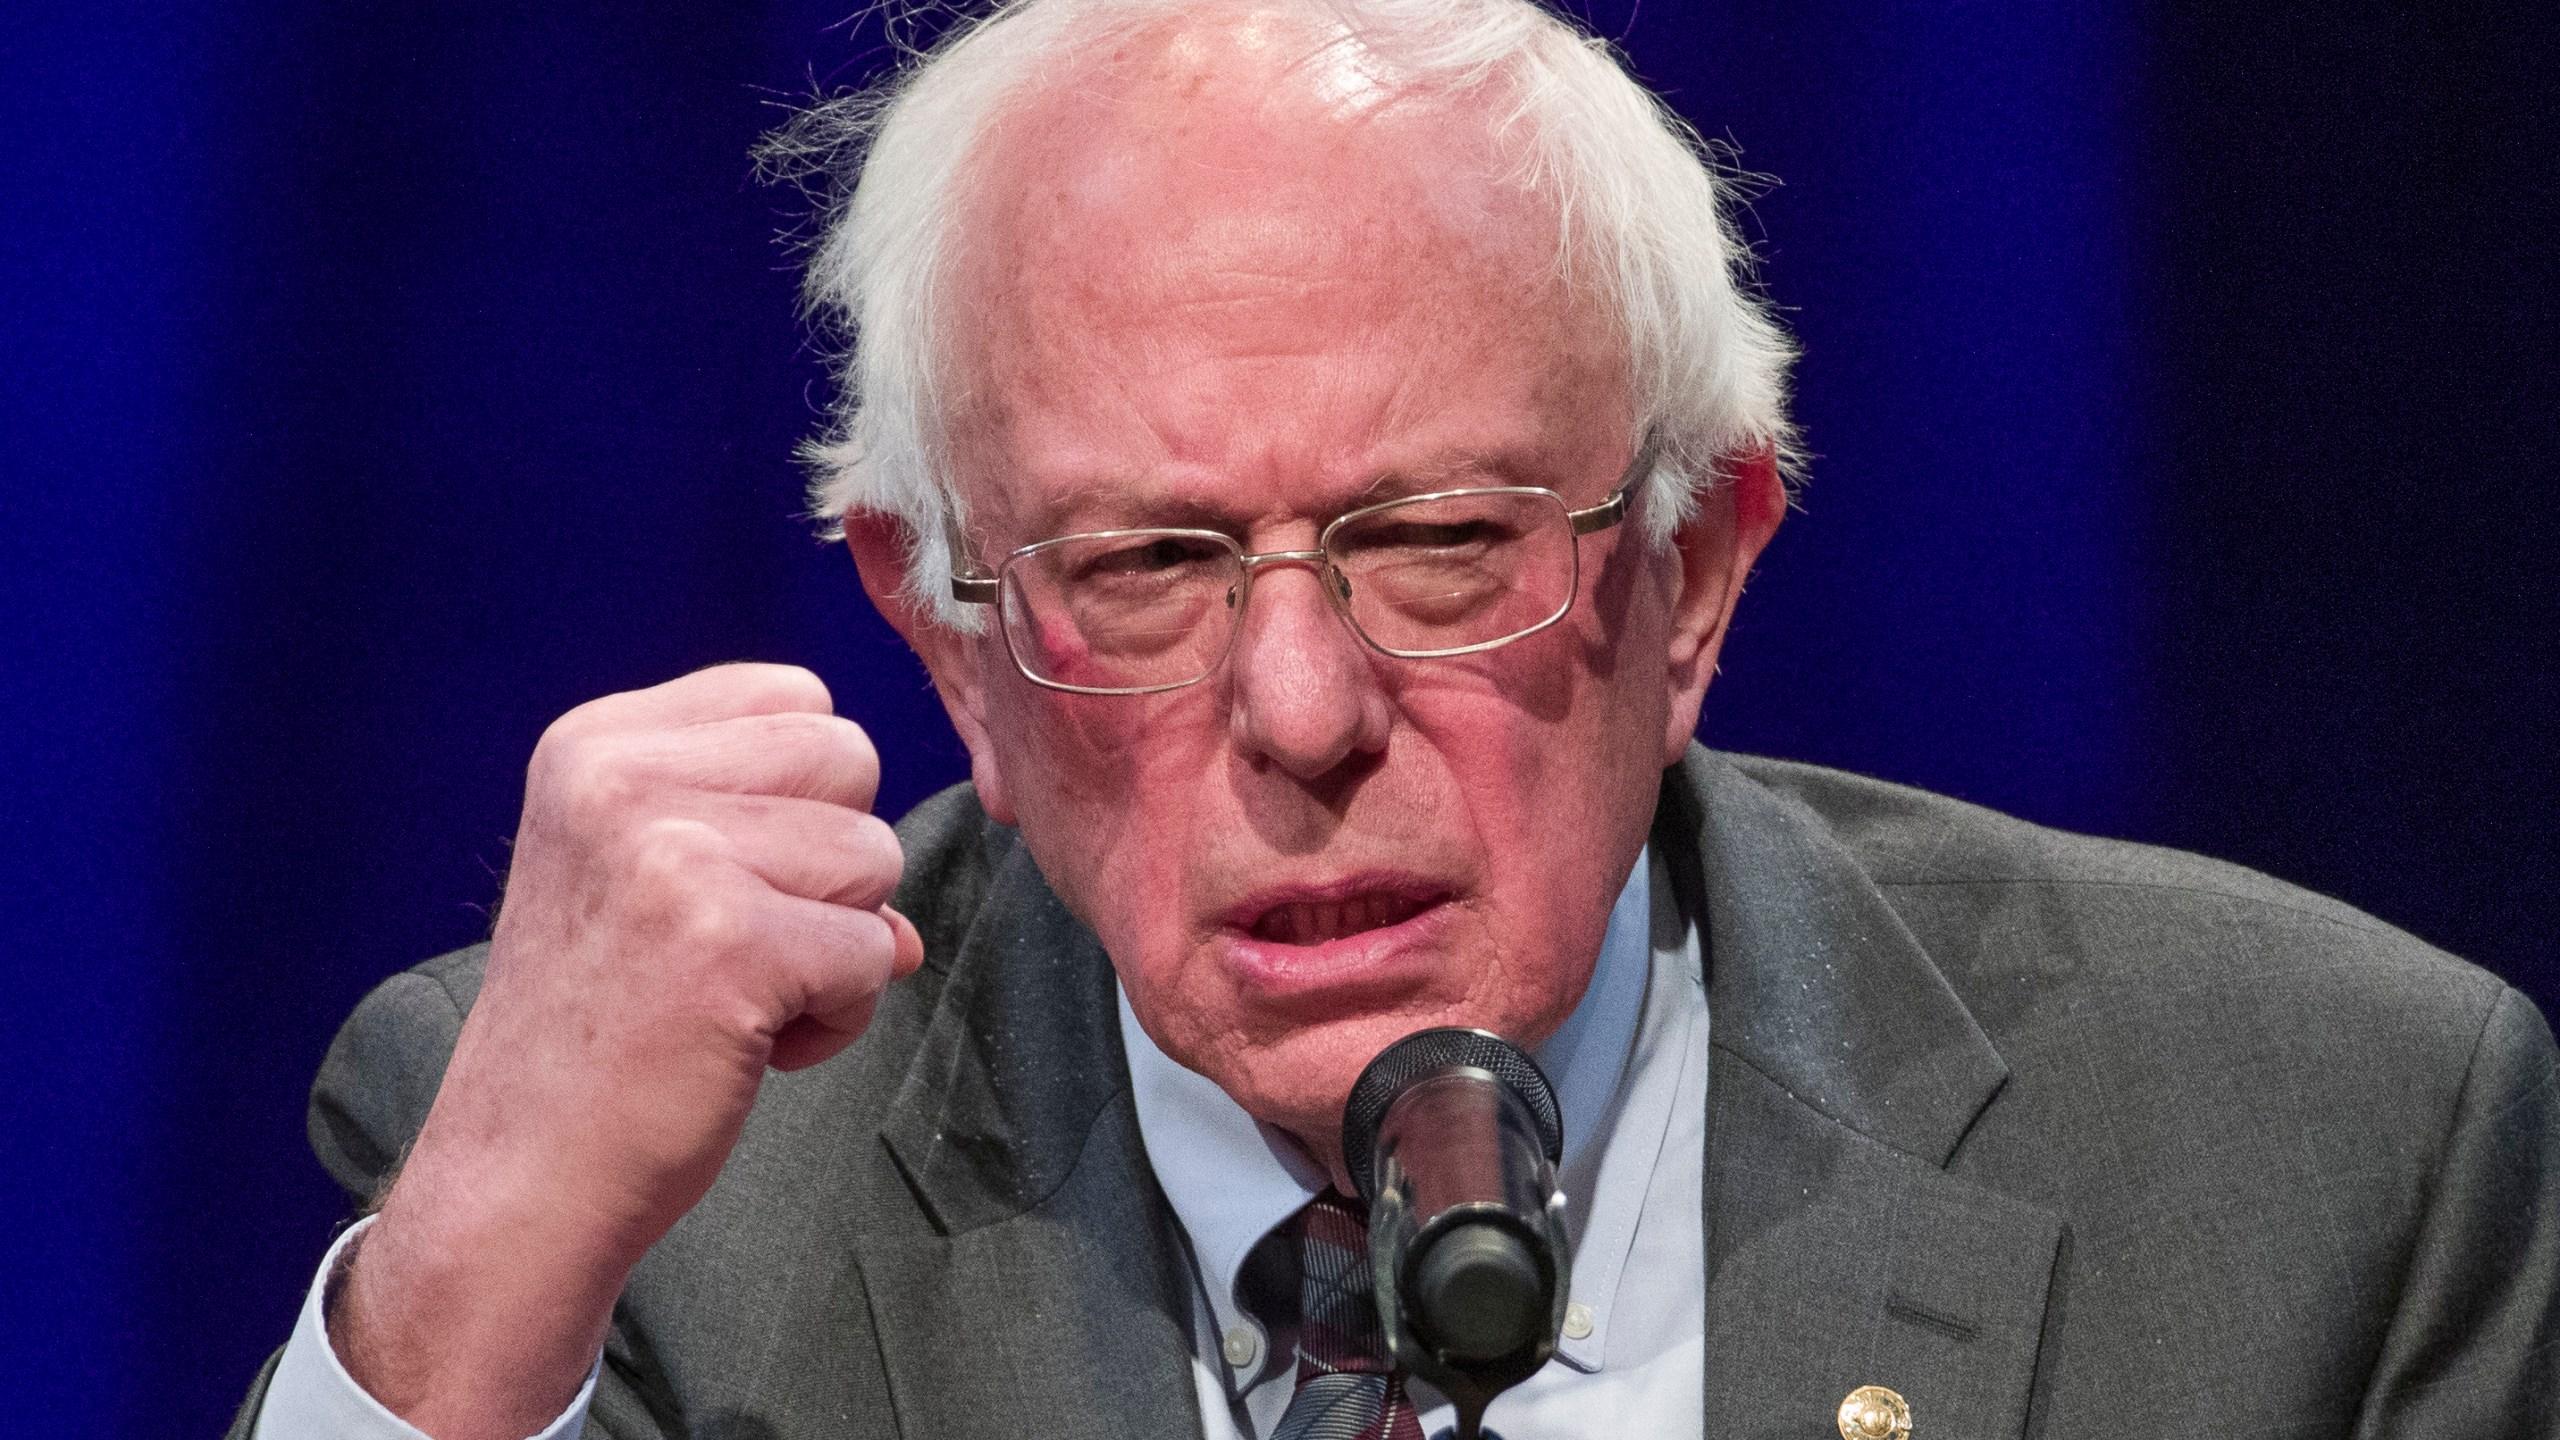 Election_2020_Bernie_Sanders_27679-159532-159532.jpg61561311